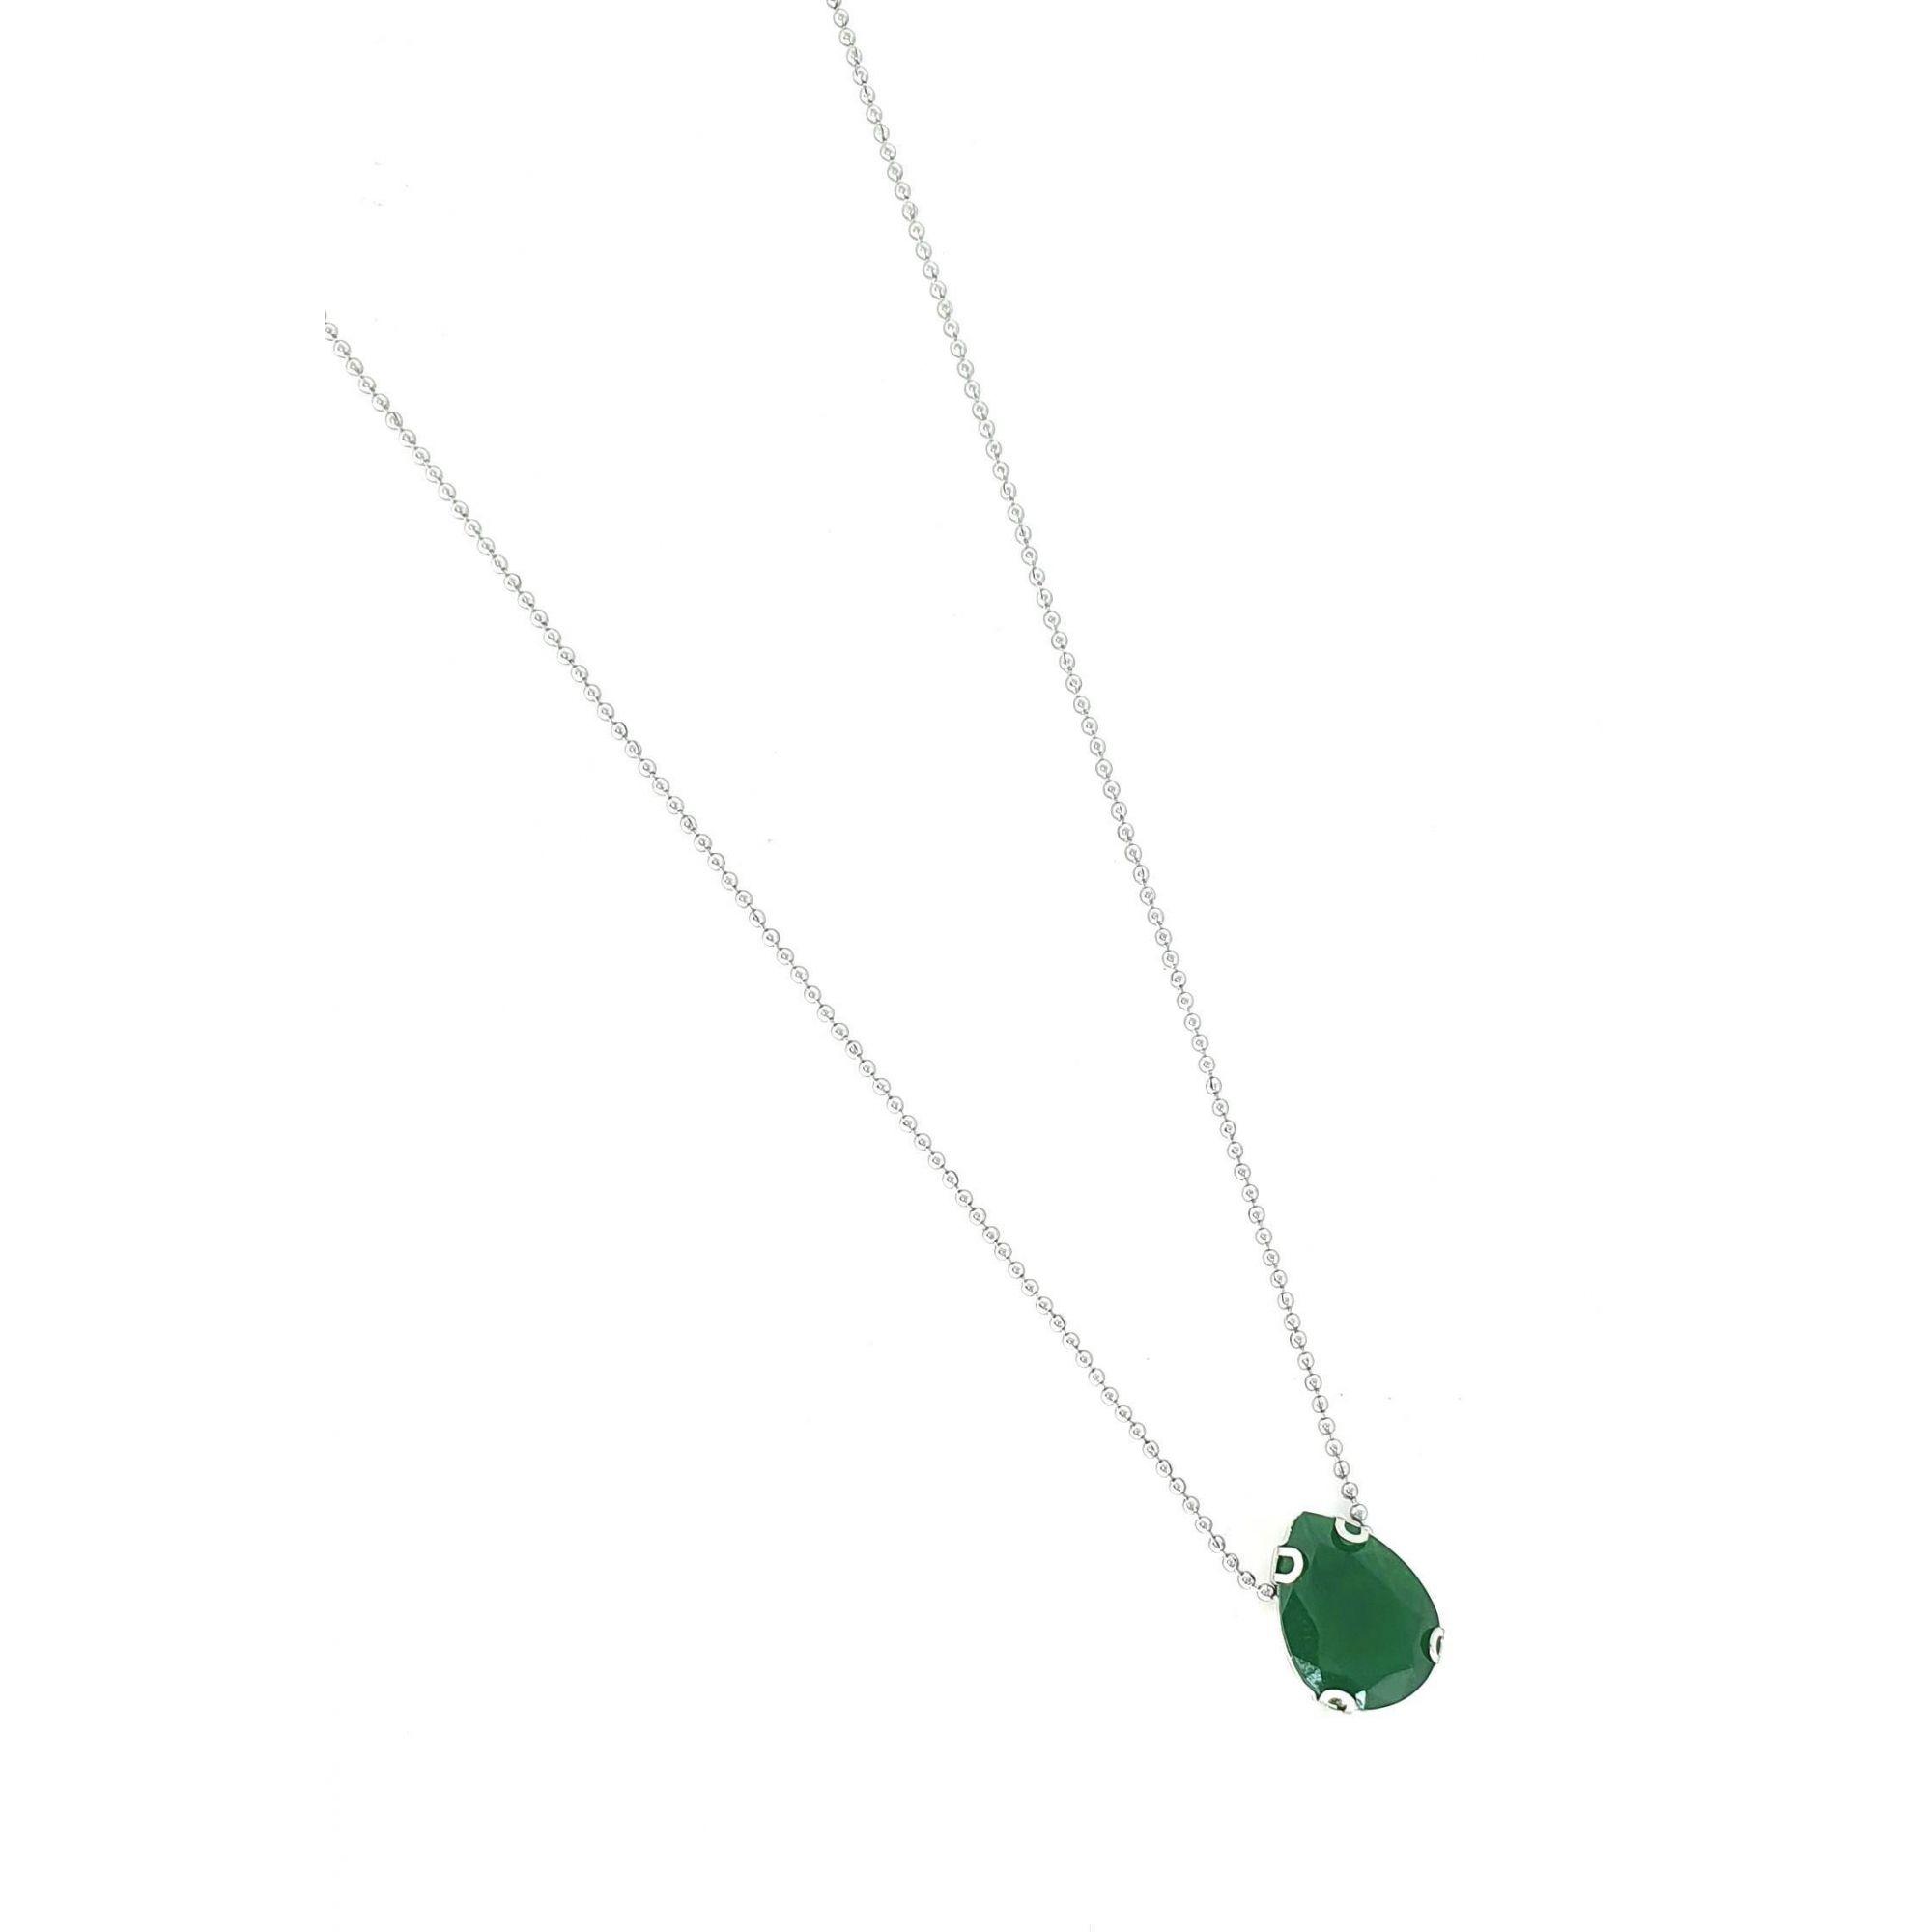 Corrente Empório Top Aço Inox Drop Green